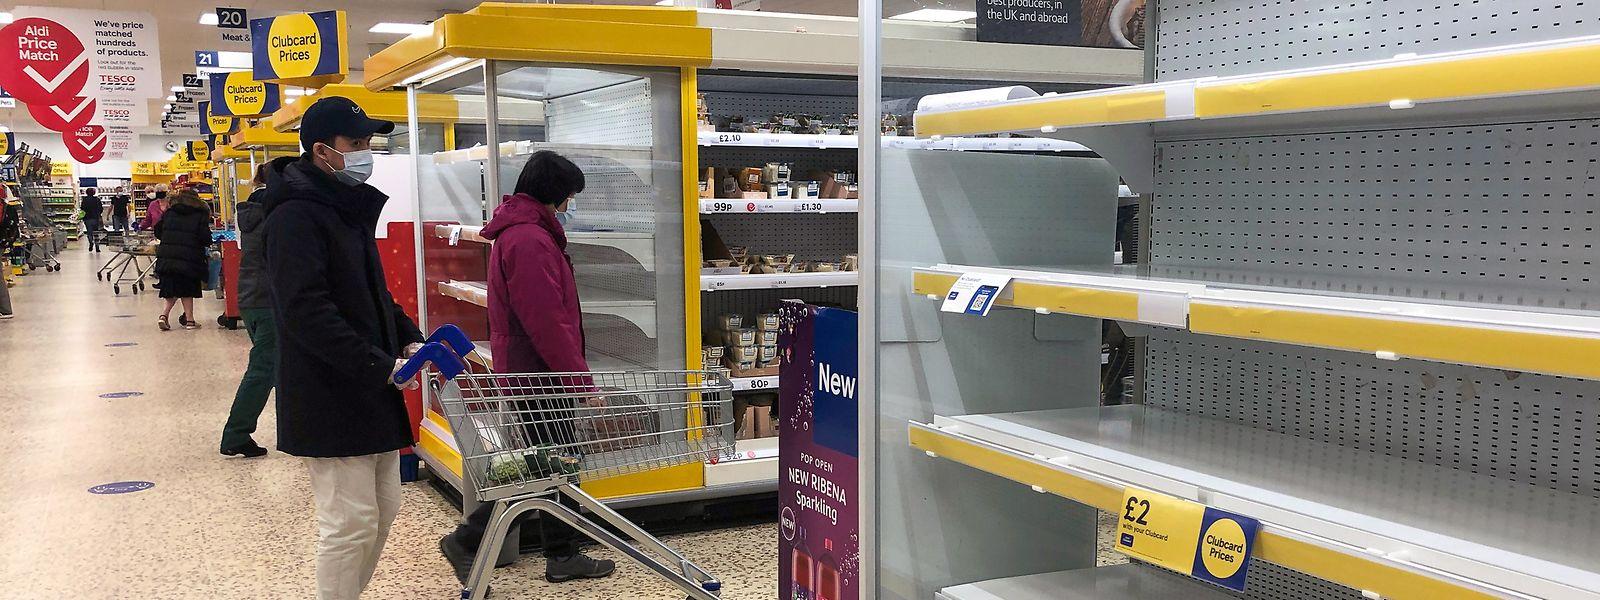 Leere Regale in einem Tesco-Supermarkt in Großbritannien.